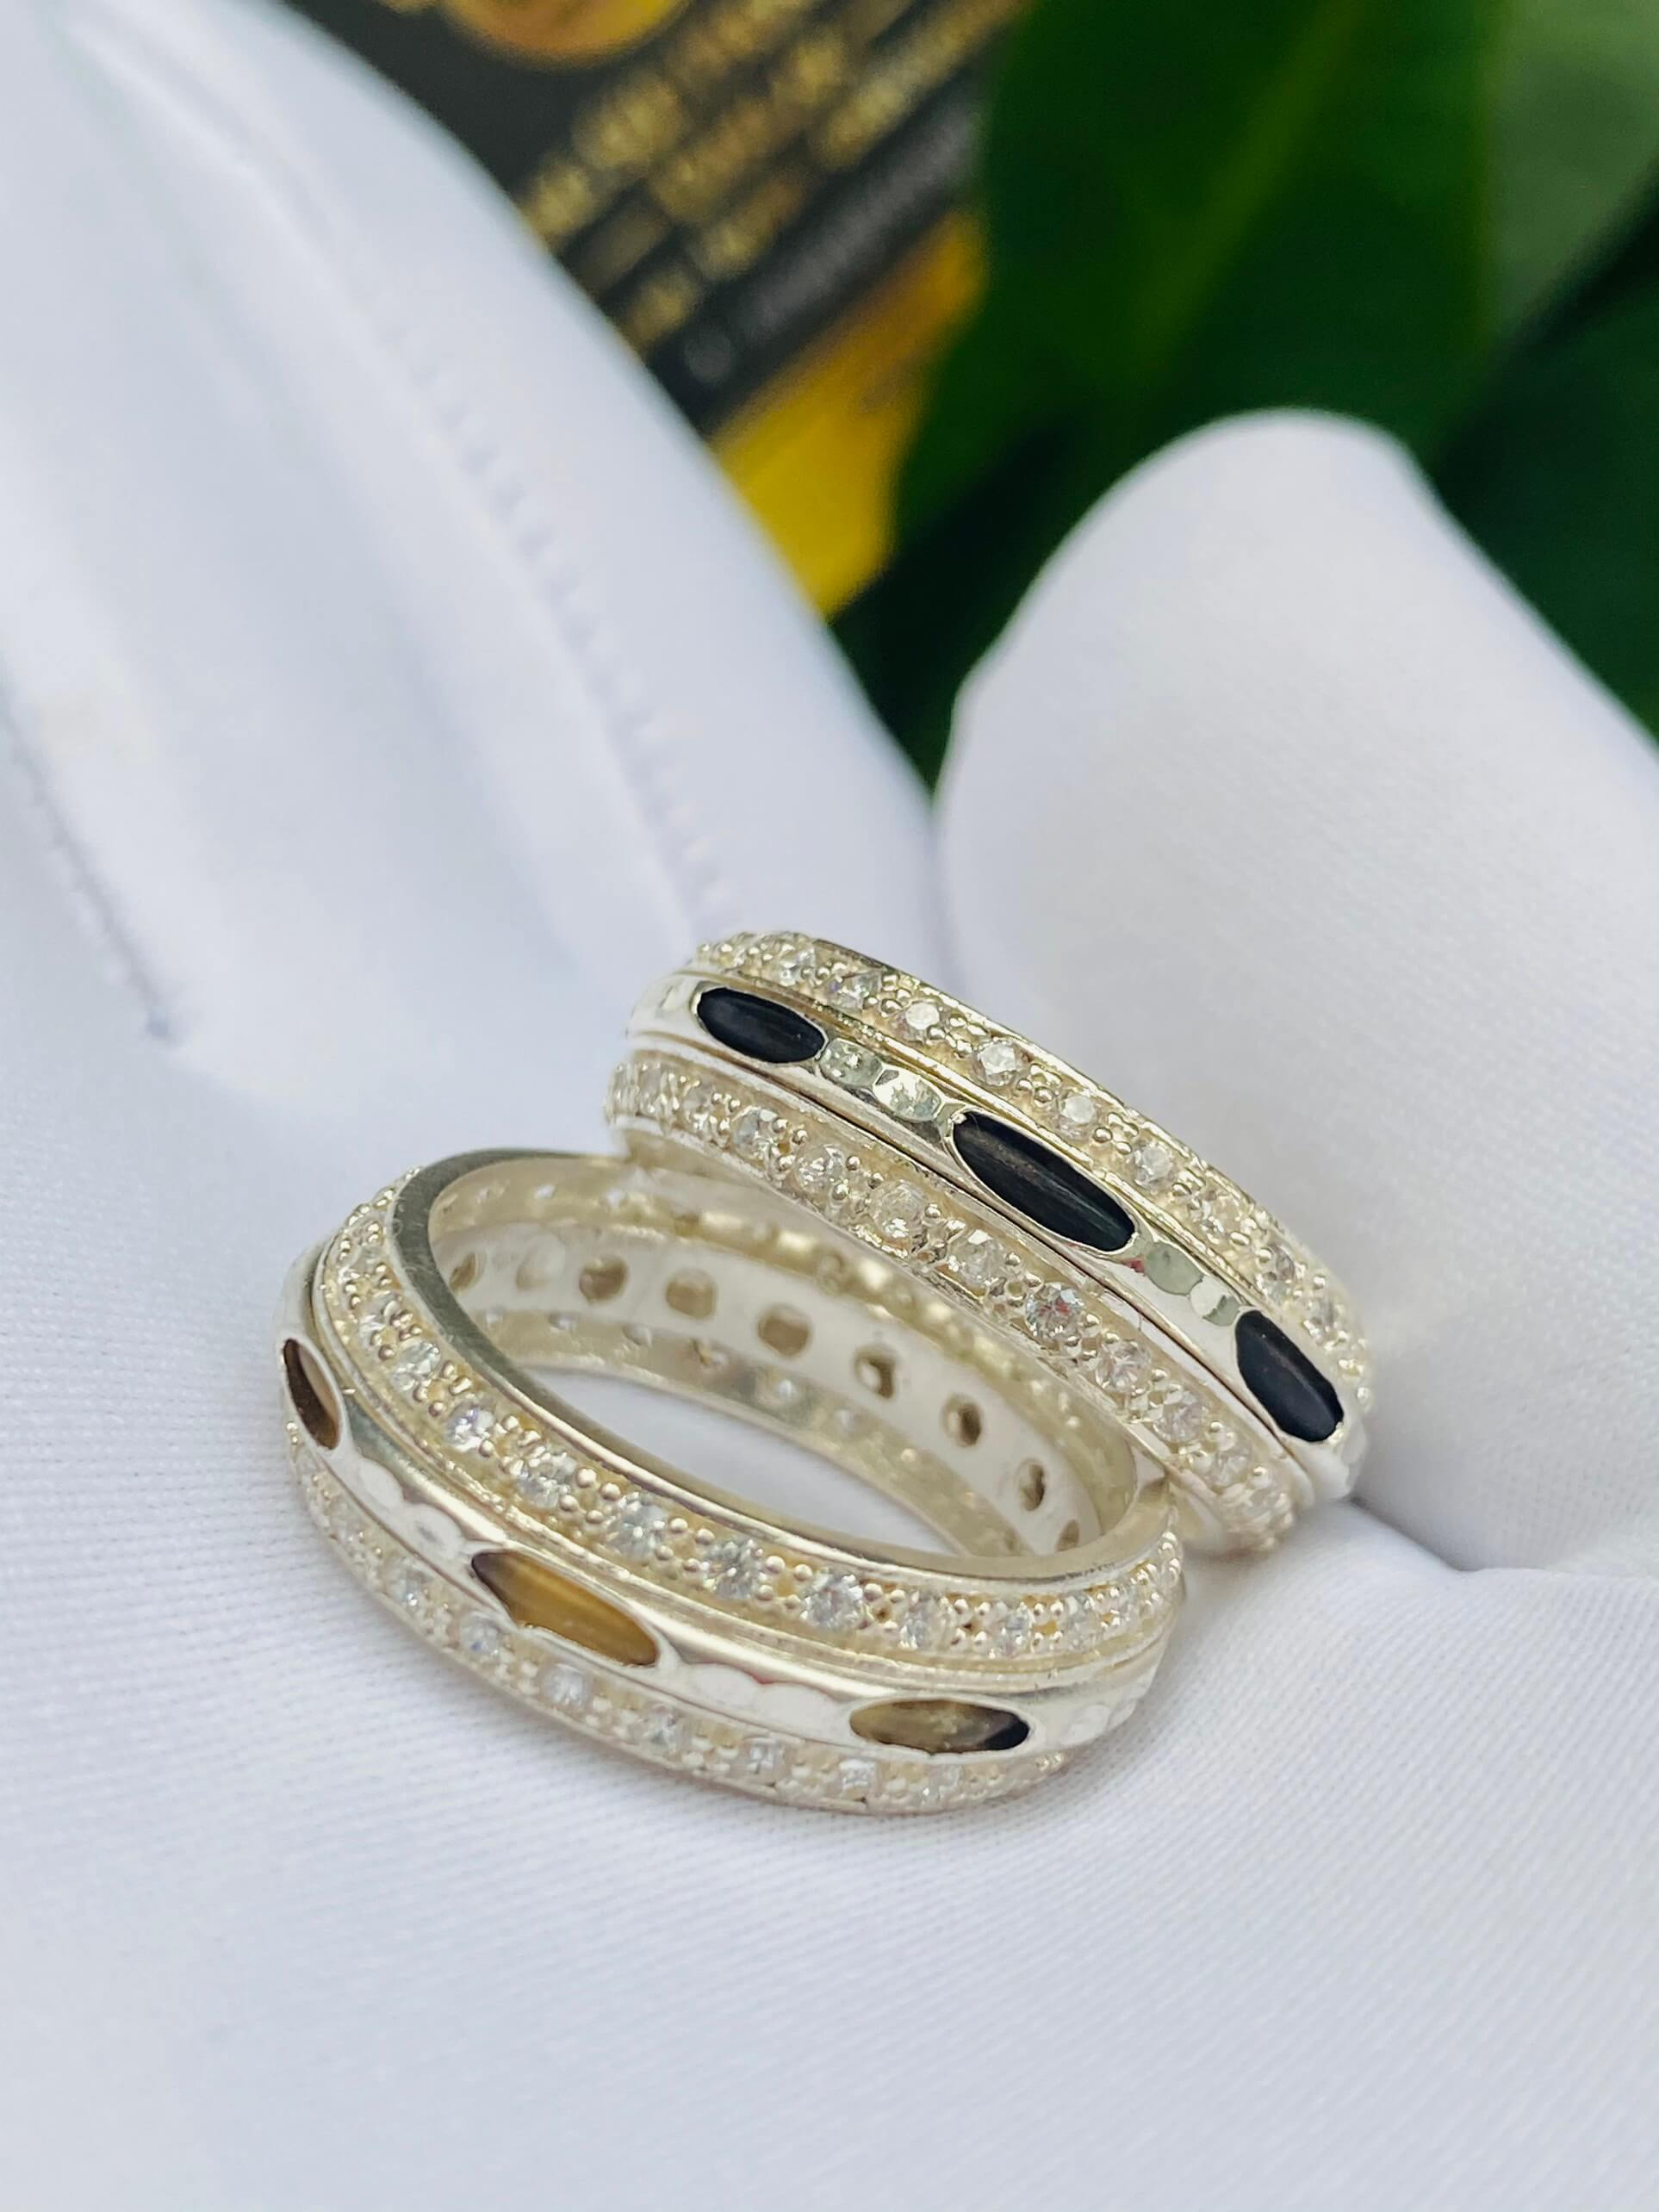 Cặp nhẫn bạc 2 hàng đá trắng giá trị và sang trọng